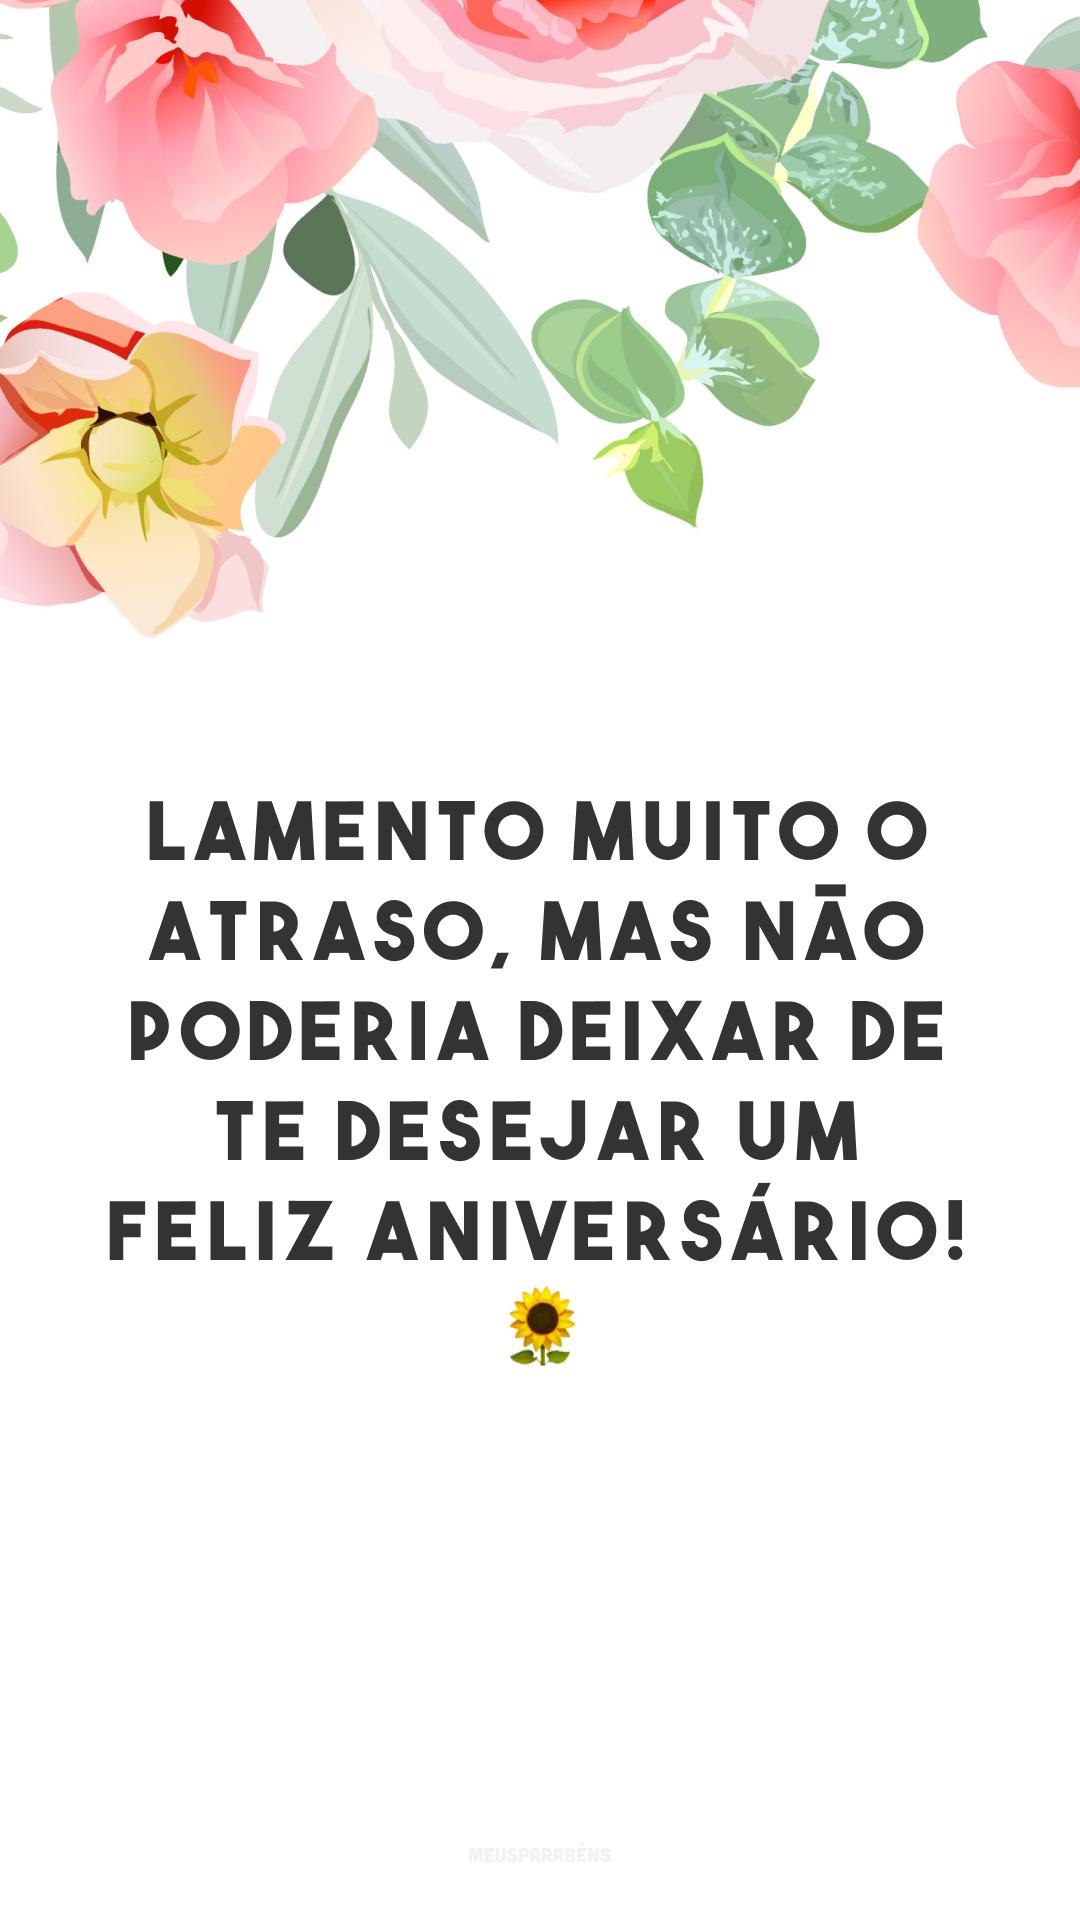 Lamento muito o atraso, mas não poderia deixar de te desejar um feliz aniversário! 🌻